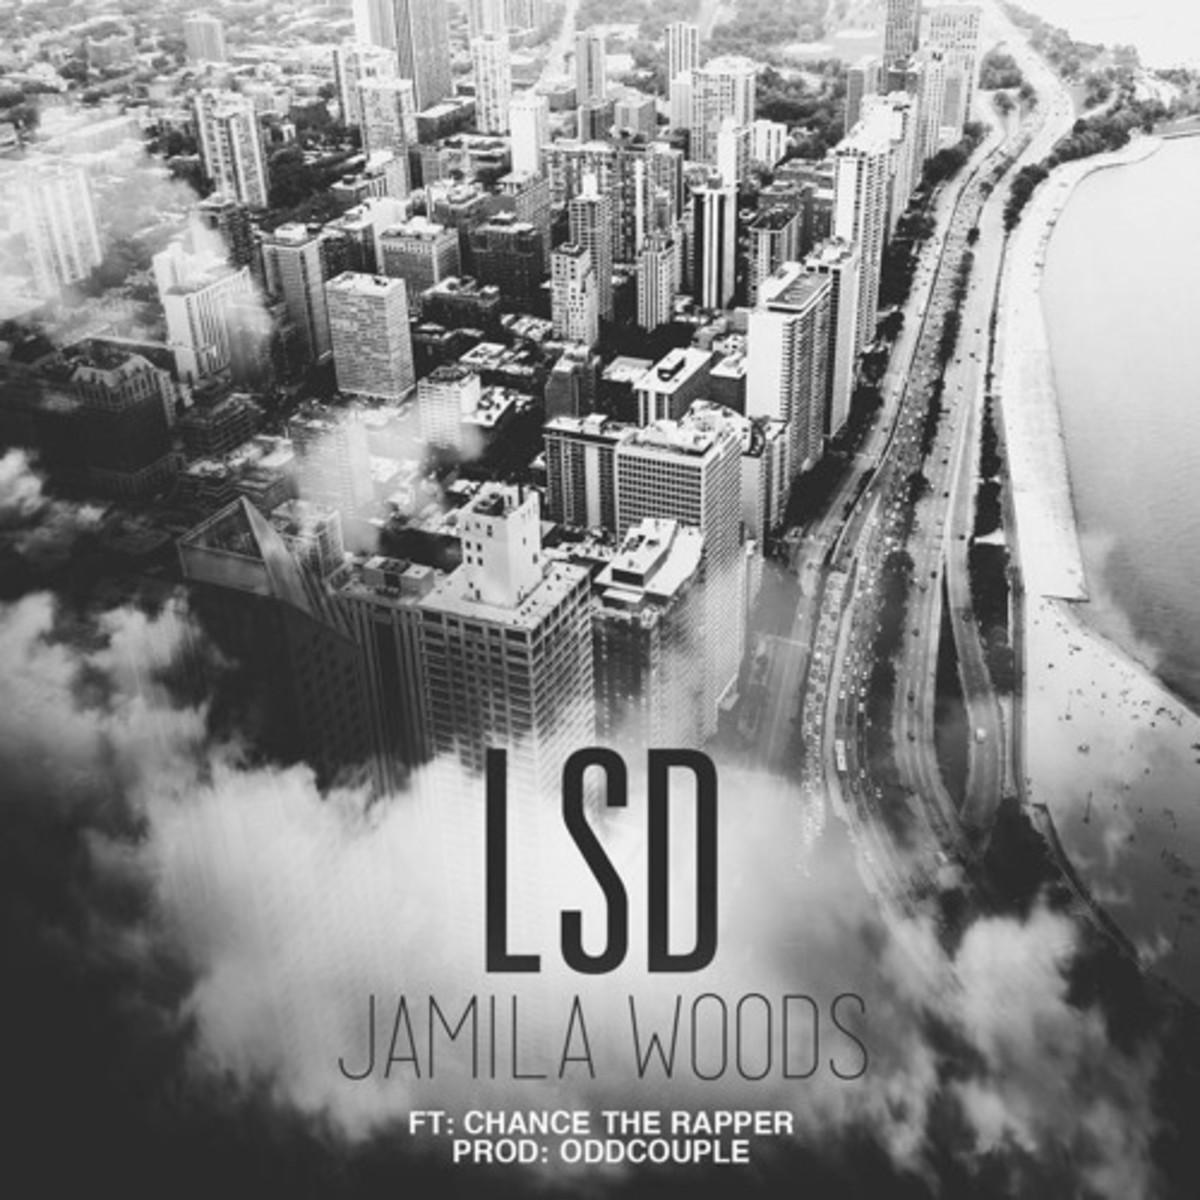 jamila-woods-lsd.jpg